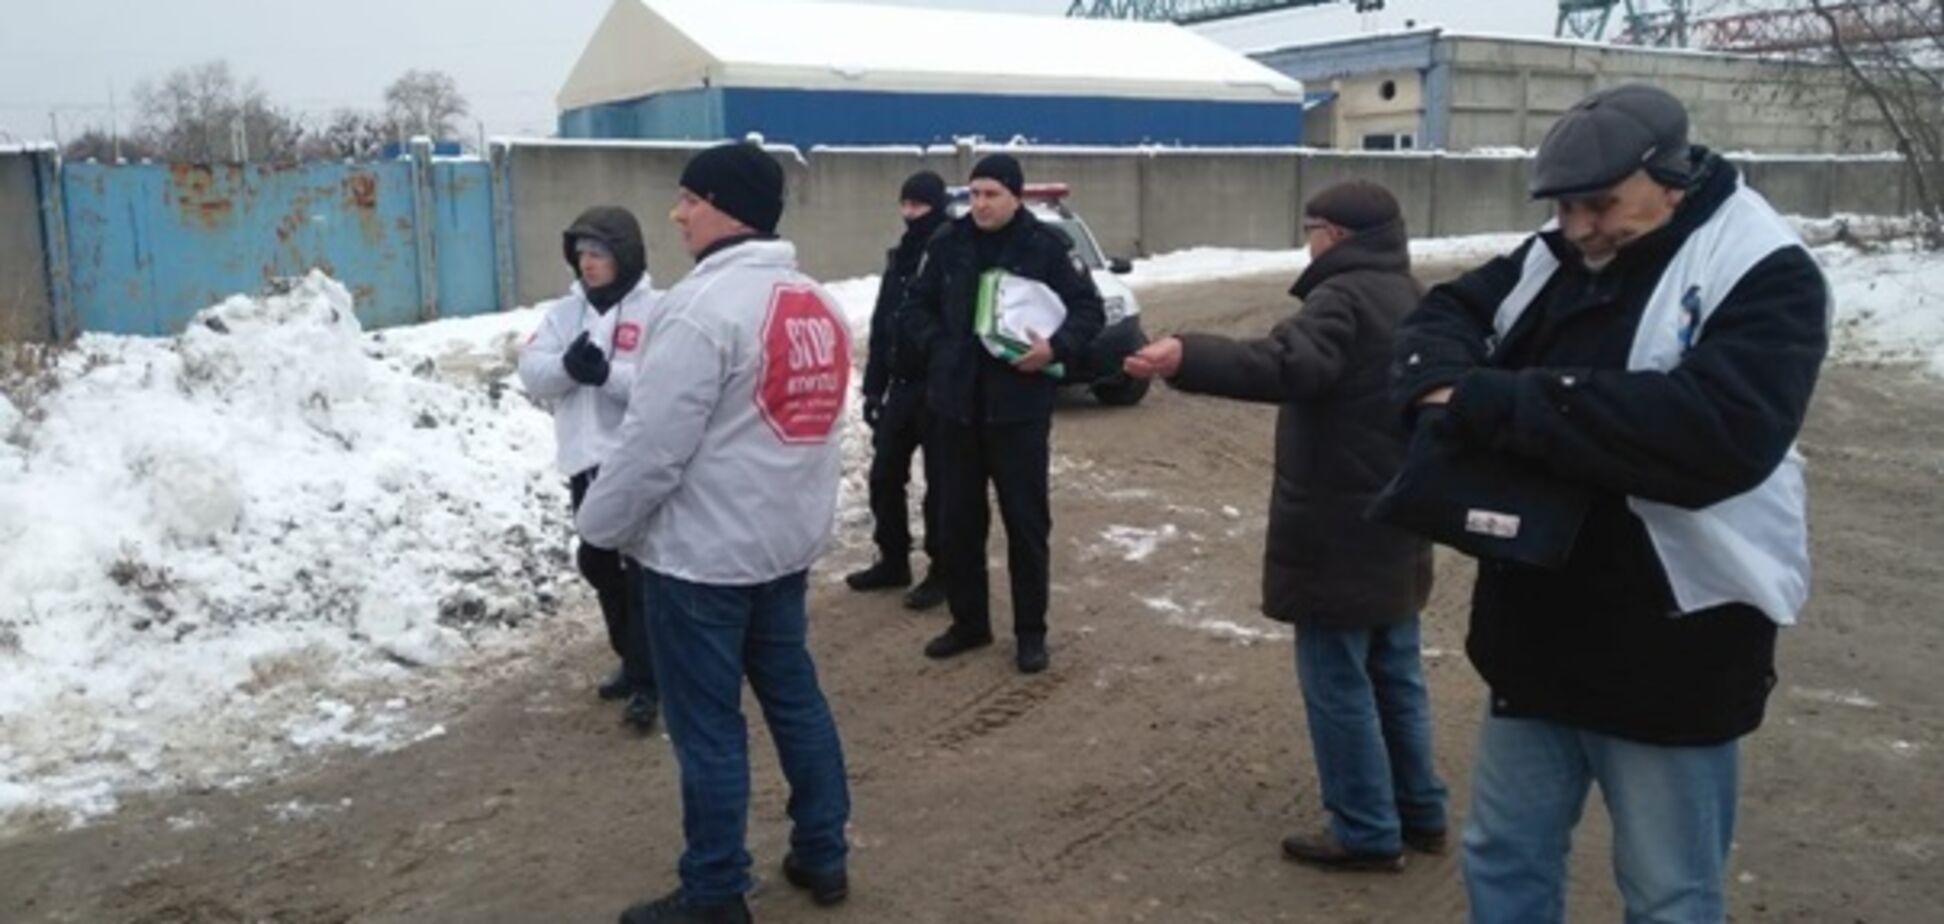 Титушки ''Мостобуда'' разгромили пикет активистов